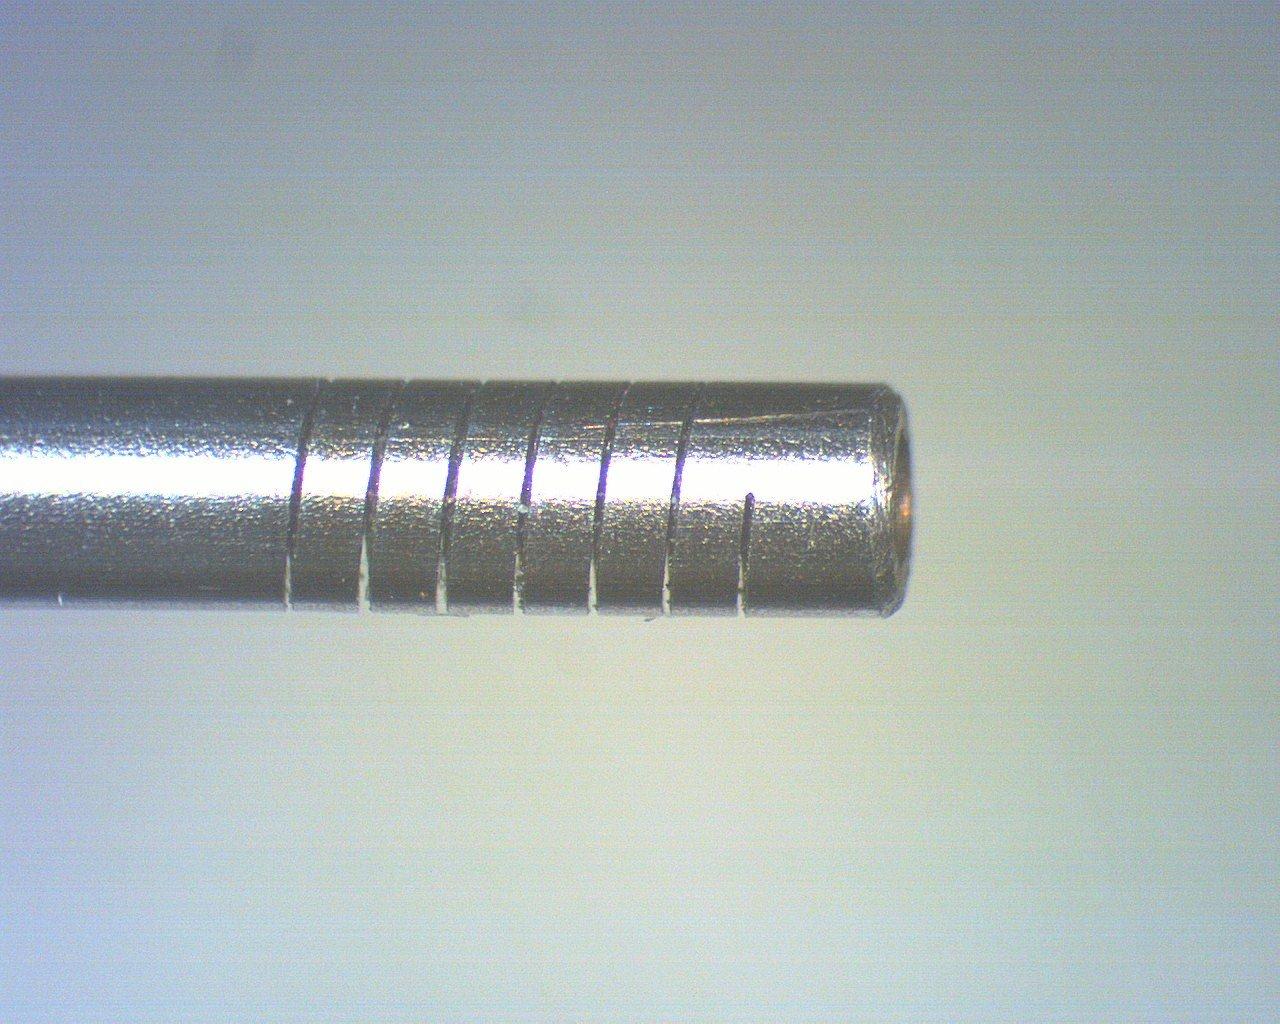 Laser Feinschneiden Spaltbreite 50 μ